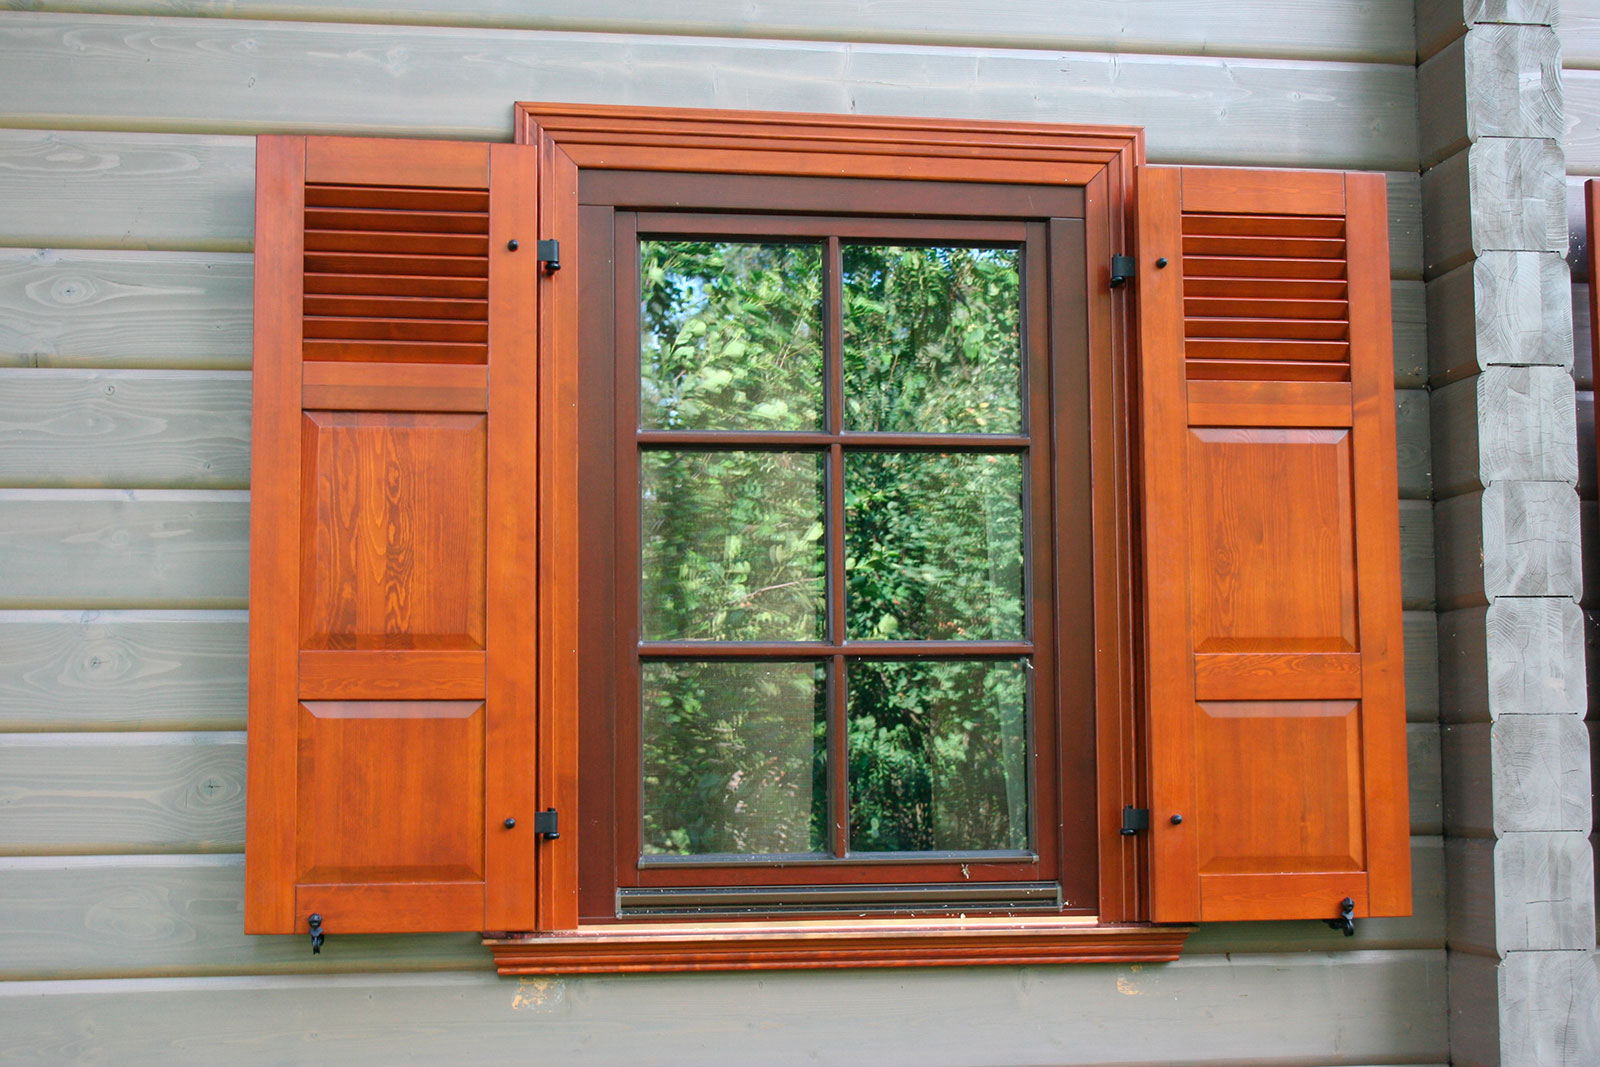 #B1481A  um belo acabamento à janela janela simples com vidraça em madeira 292 Janelas De Vidro São Seguras